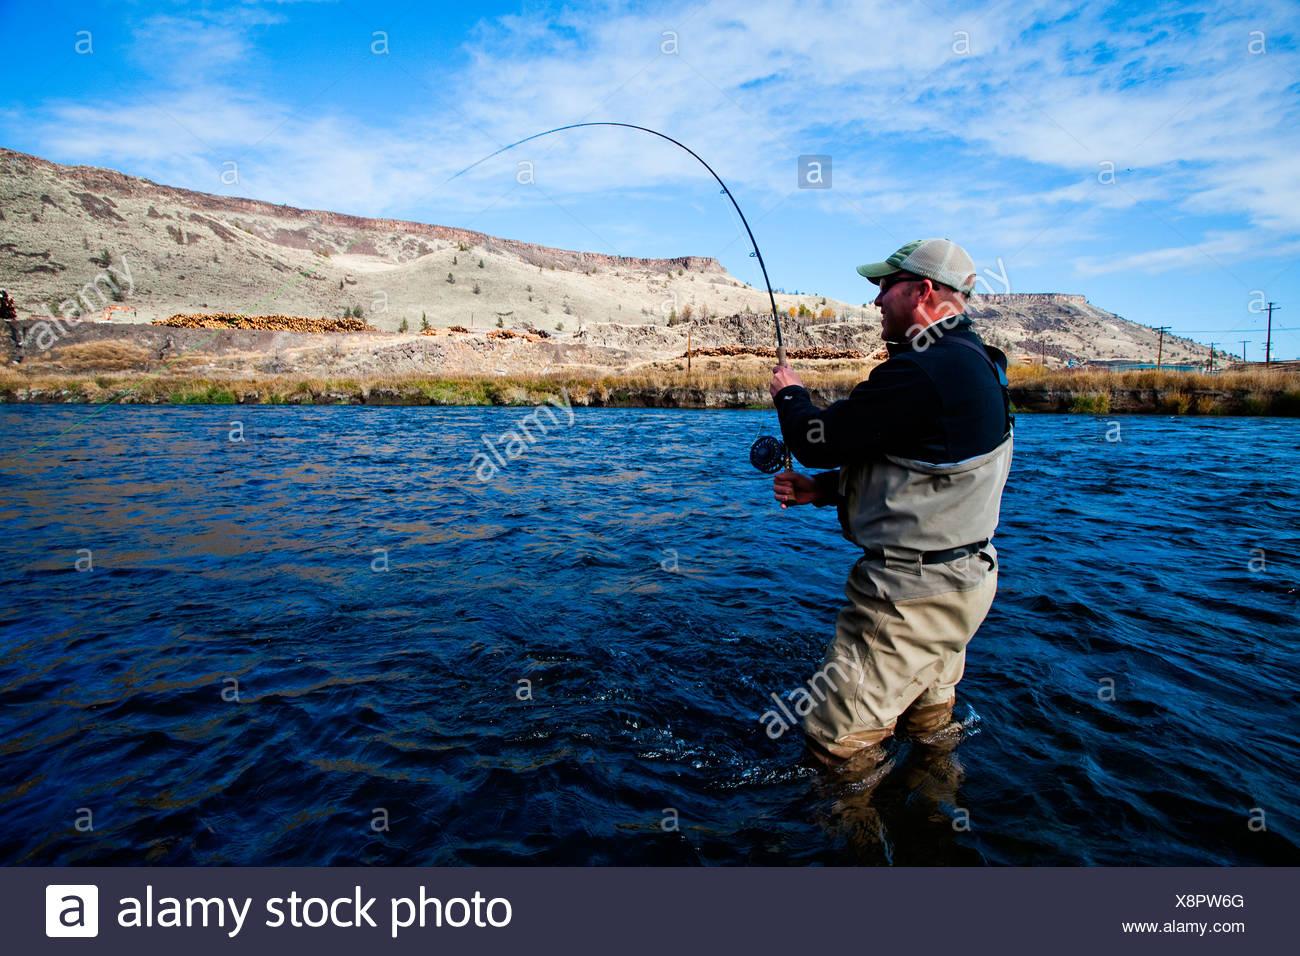 Ein Fliegenfischer Haken eine Forelle auf dem Deschutes River außerhalb Bend, Oregon. Stockbild